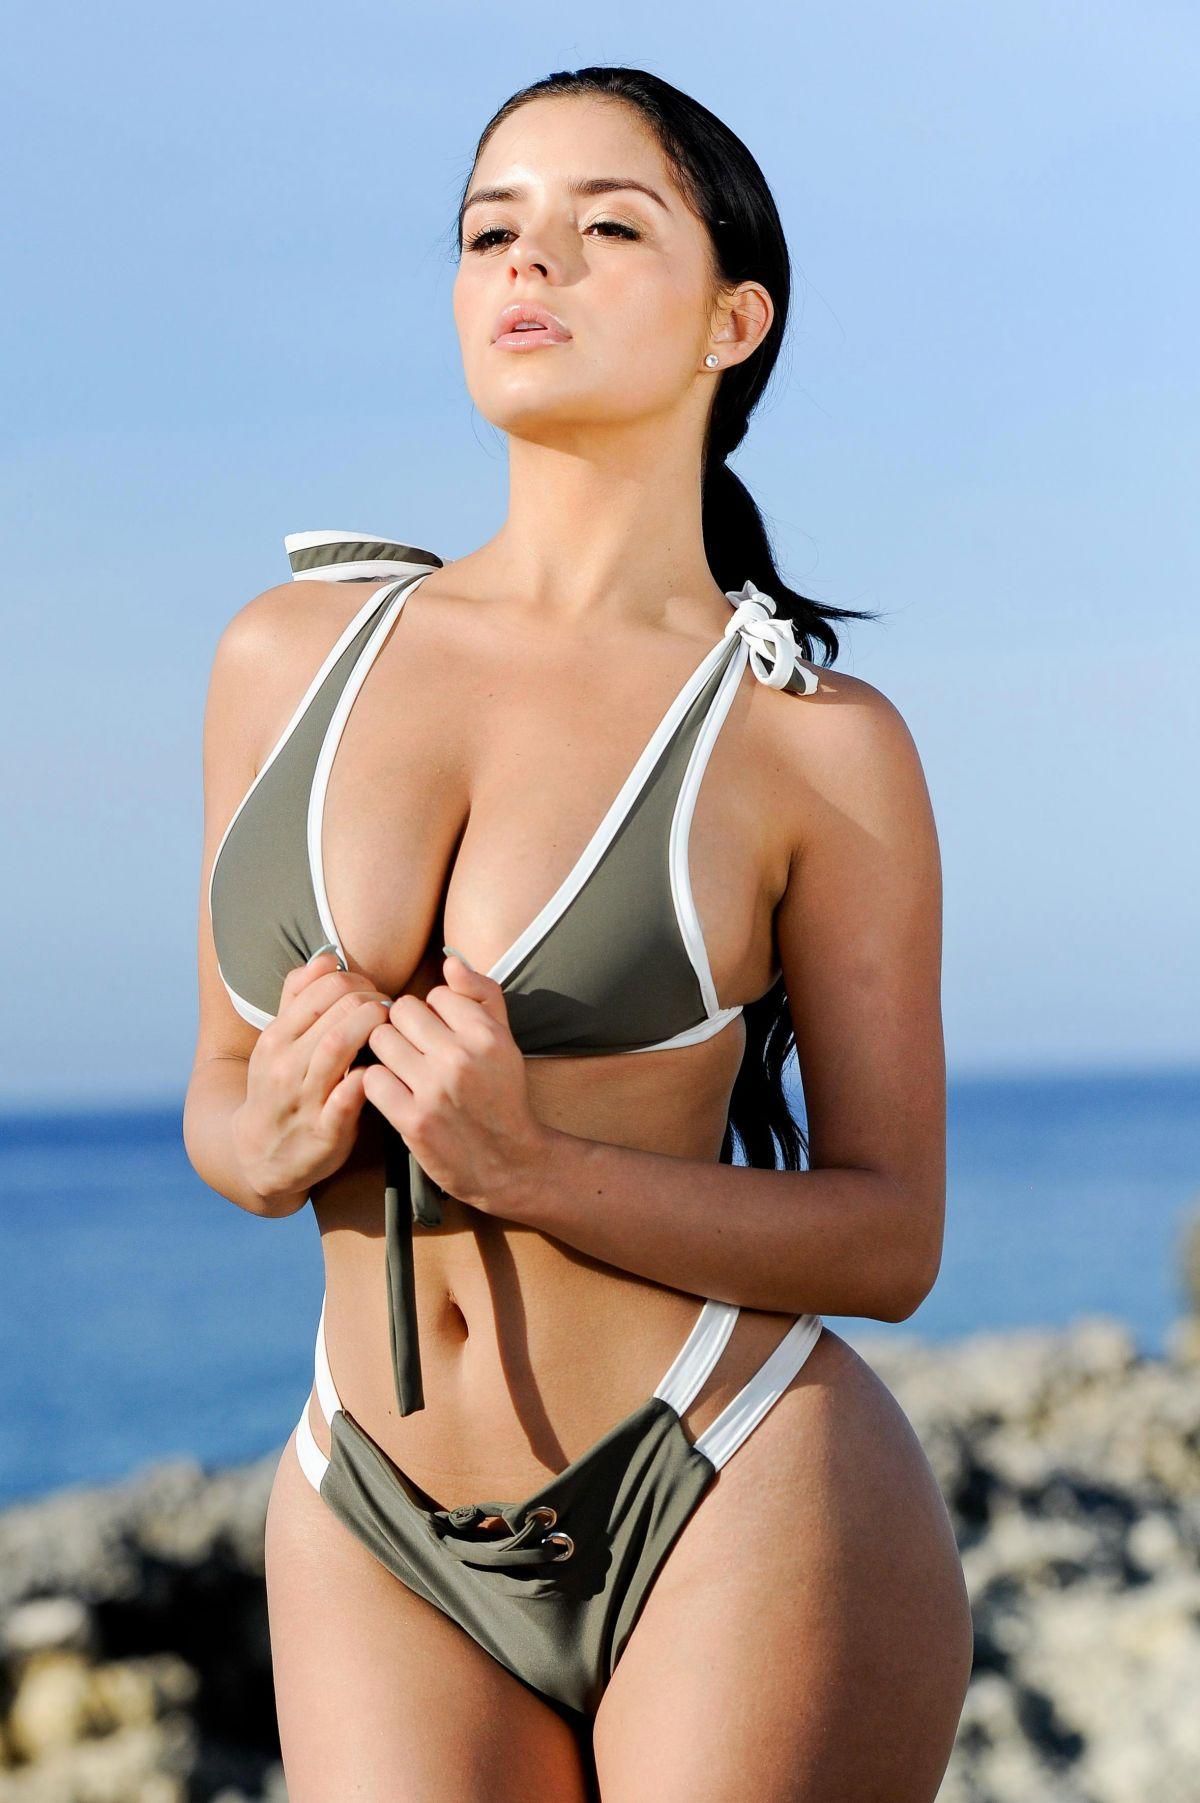 Demi Moore hot pics images photos